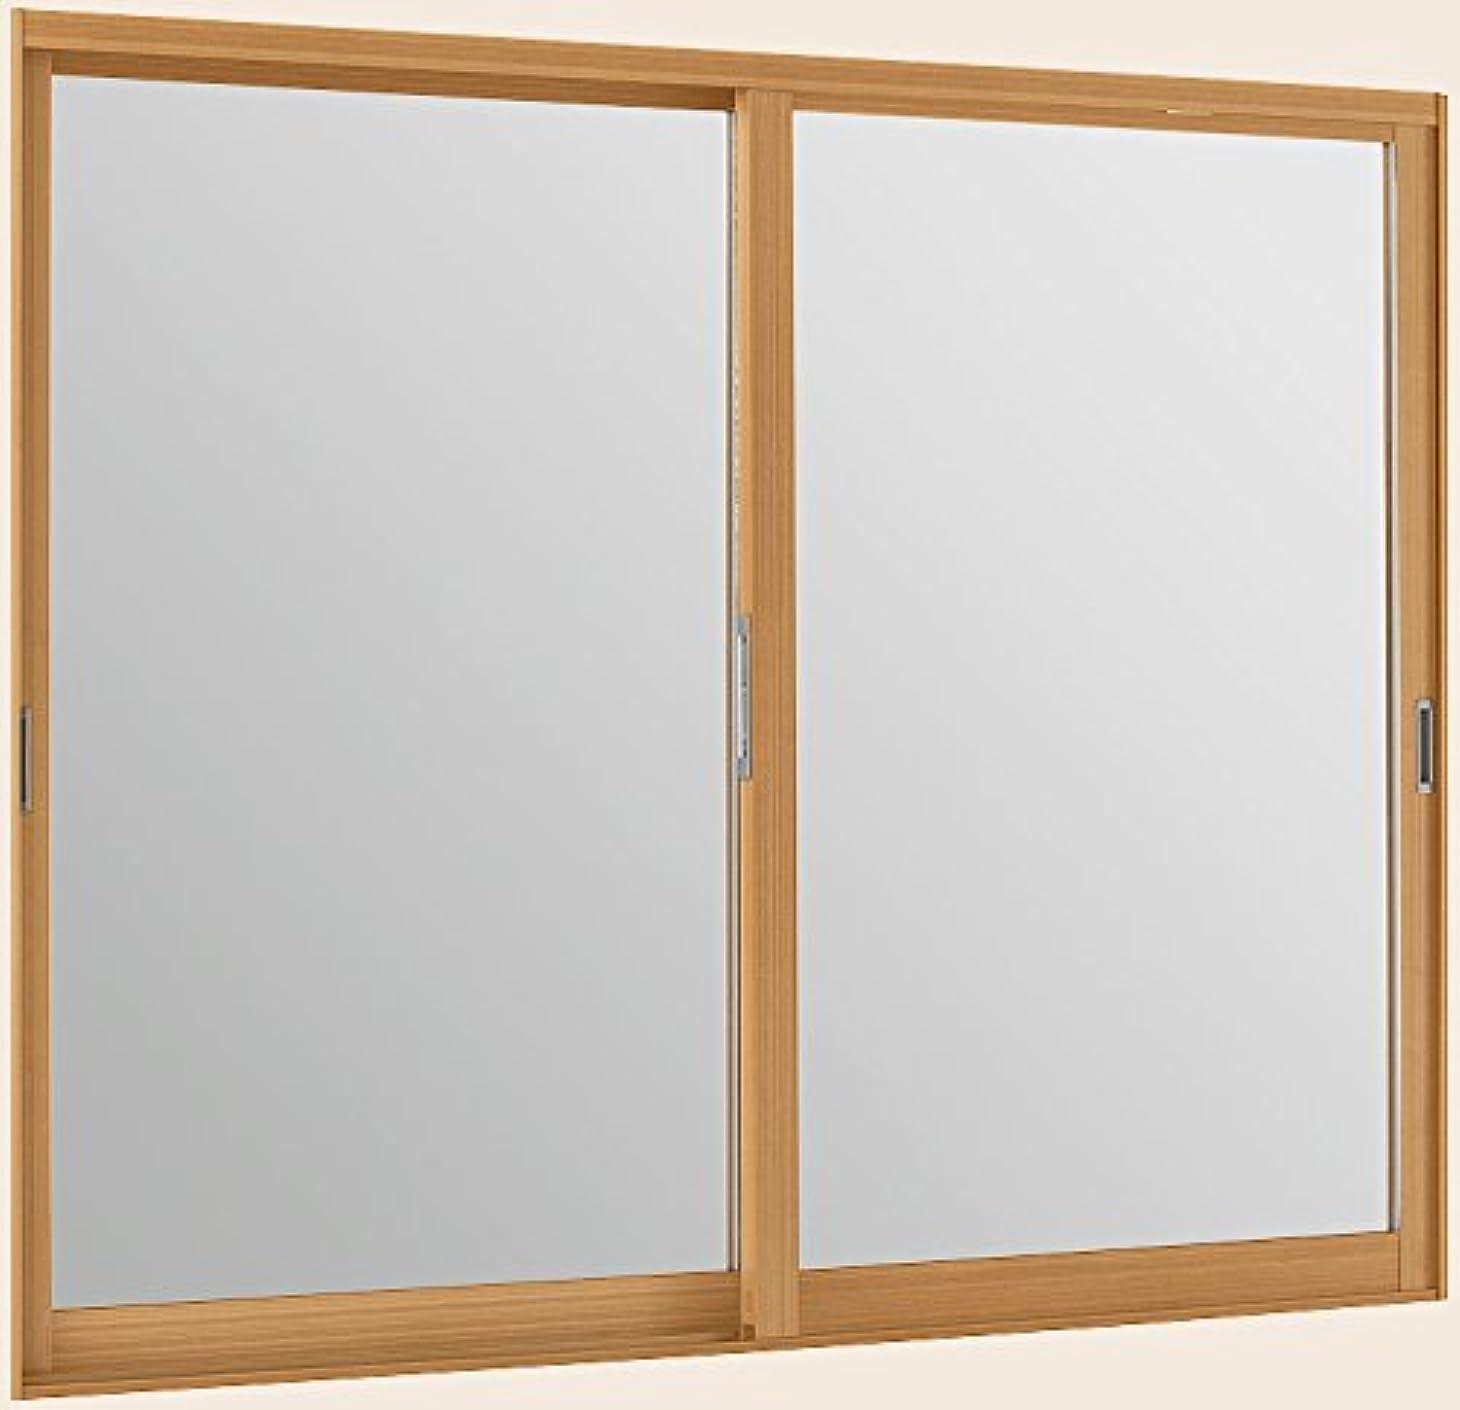 不良品ホールスプーントステム インプラスウッド 引き違窓 2枚建 複層ガラス 幅1001~1500mm×高1001~1400mm 不透明型板4mm+透明3mmガラス 枠色:クリエペール オーダー商品